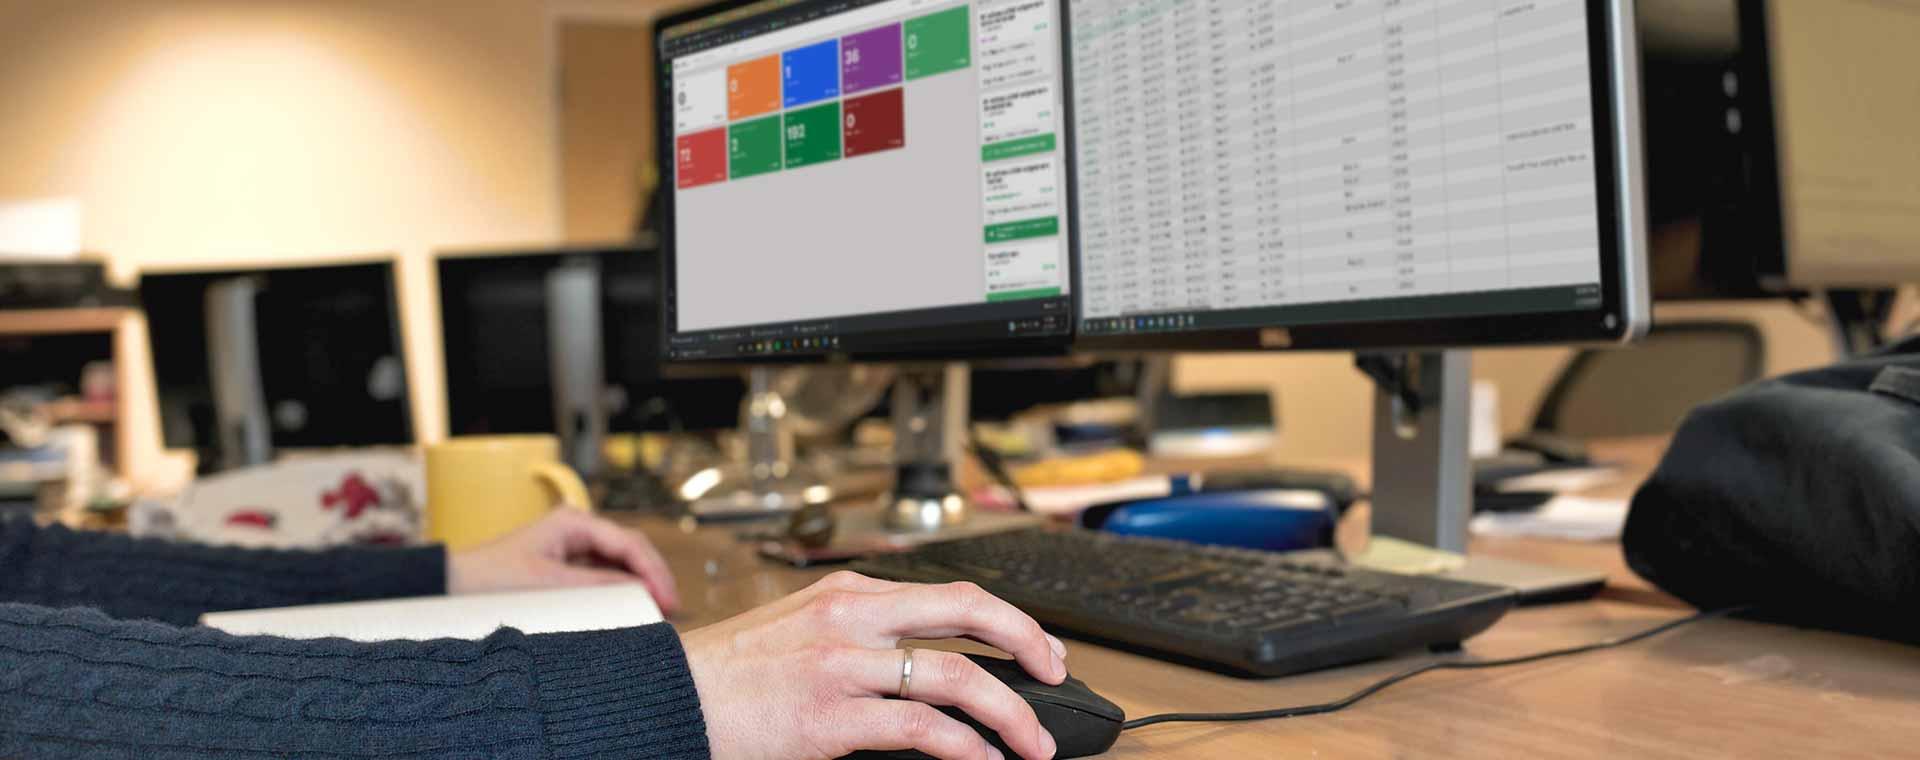 Workstation slide with Panda docs